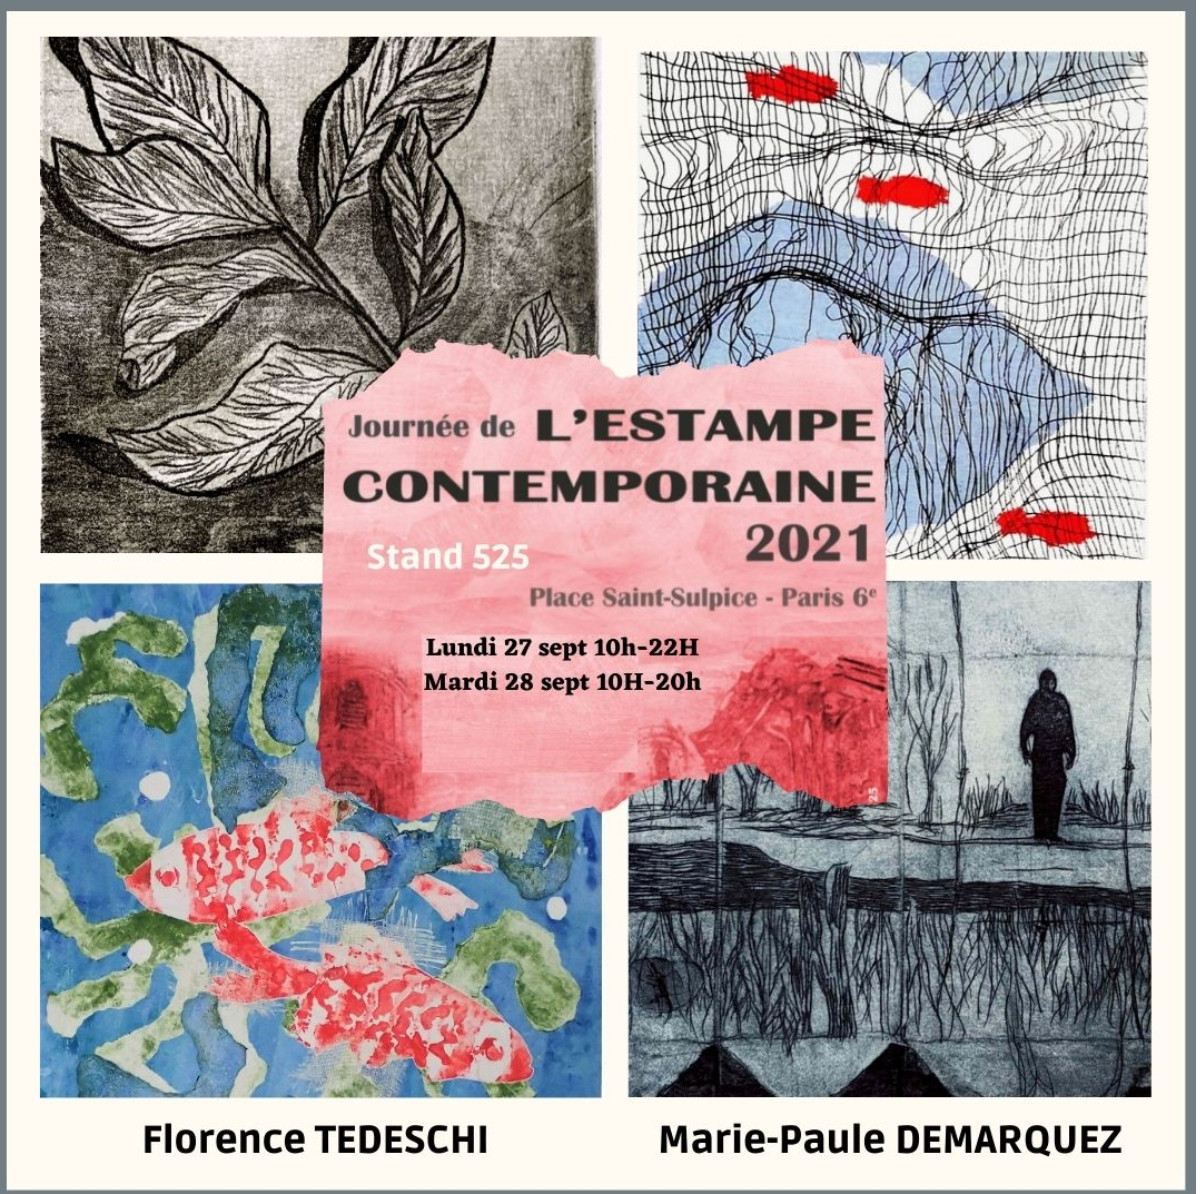 Journée de l'estampe contemporaine sur le site d'ARTactif